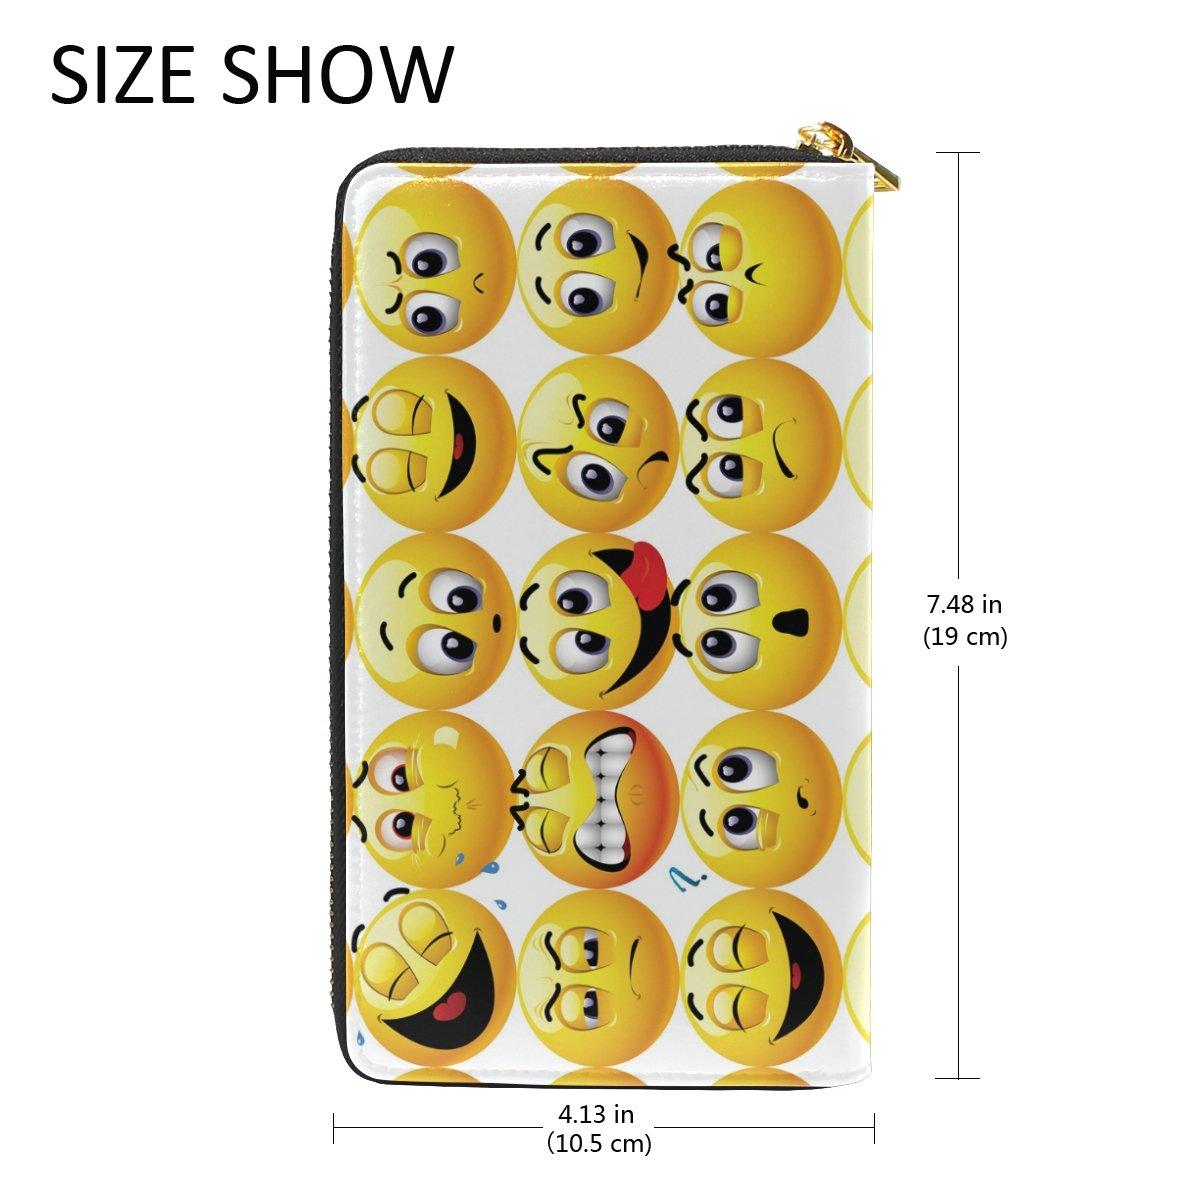 Amazon.com: Emoji Emoticon cara sonriente portafolios de ...